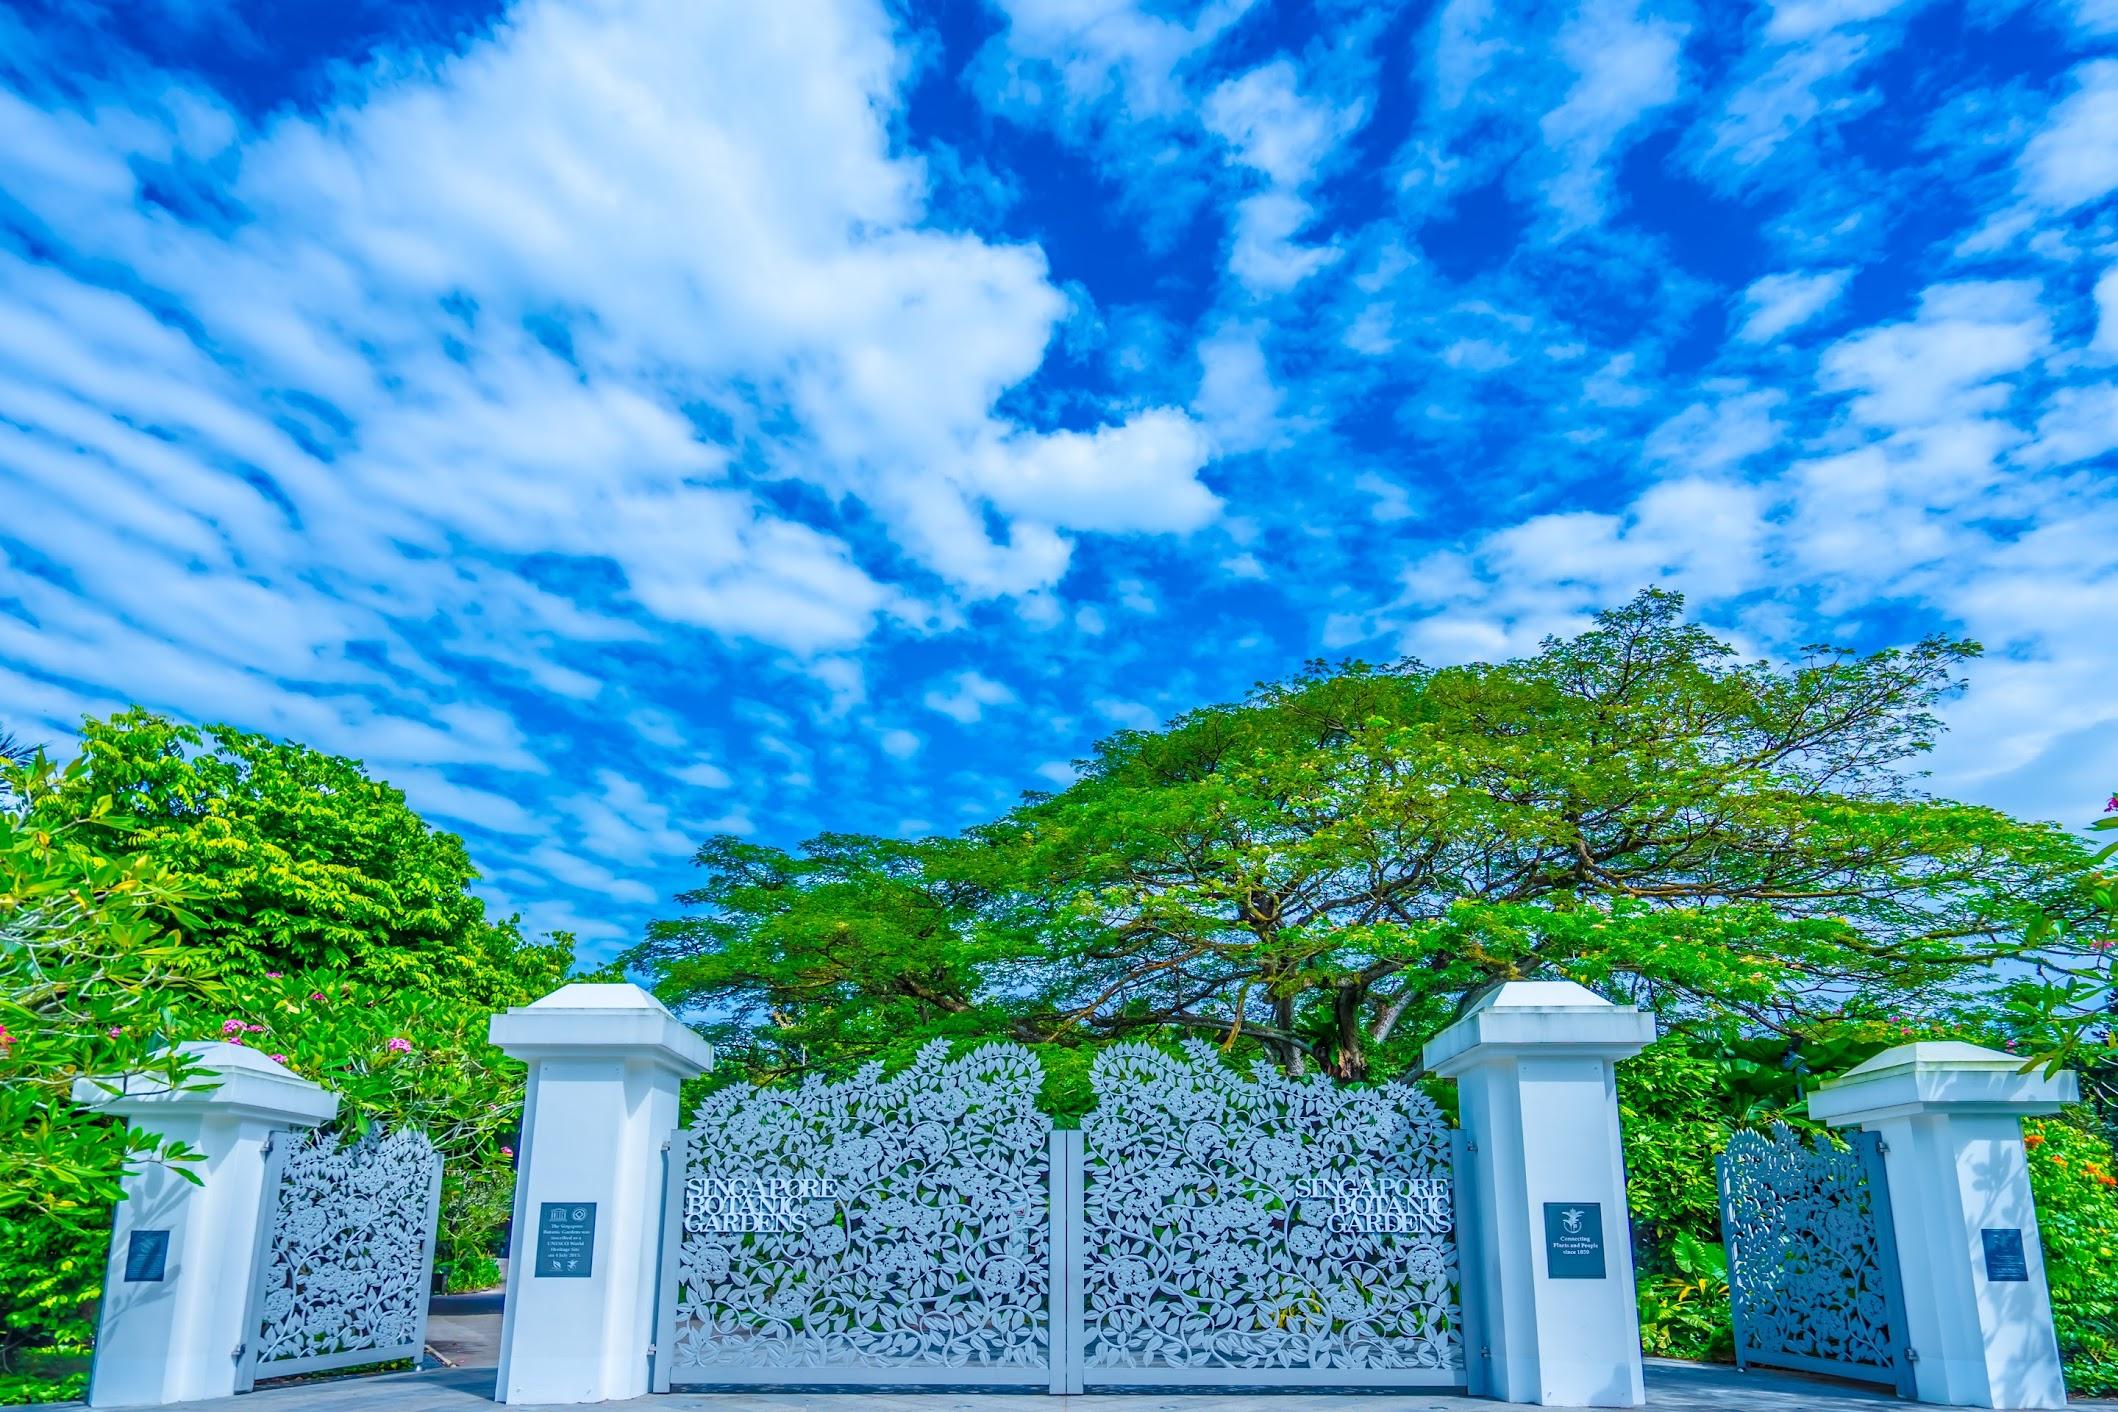 シンガポール植物園(ボタニック・ガーデン) タングリン・ゲート1